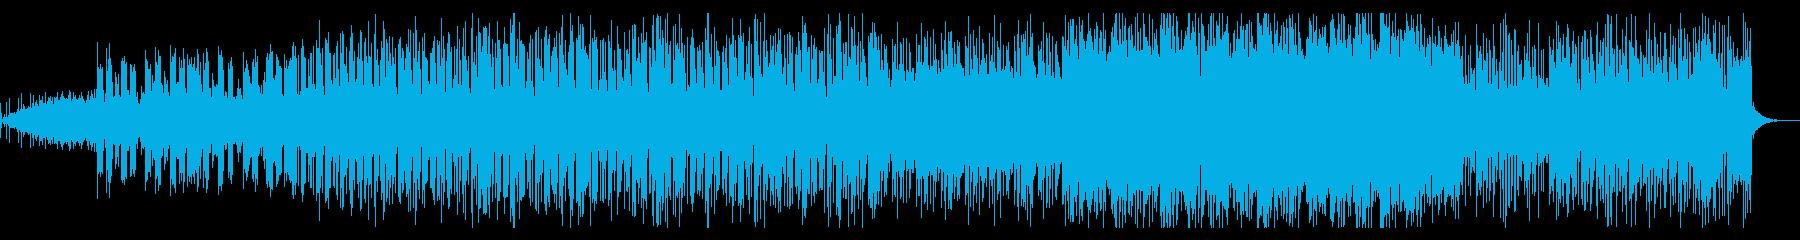 ピアノとブレイクビーツのシンセ系BGMの再生済みの波形